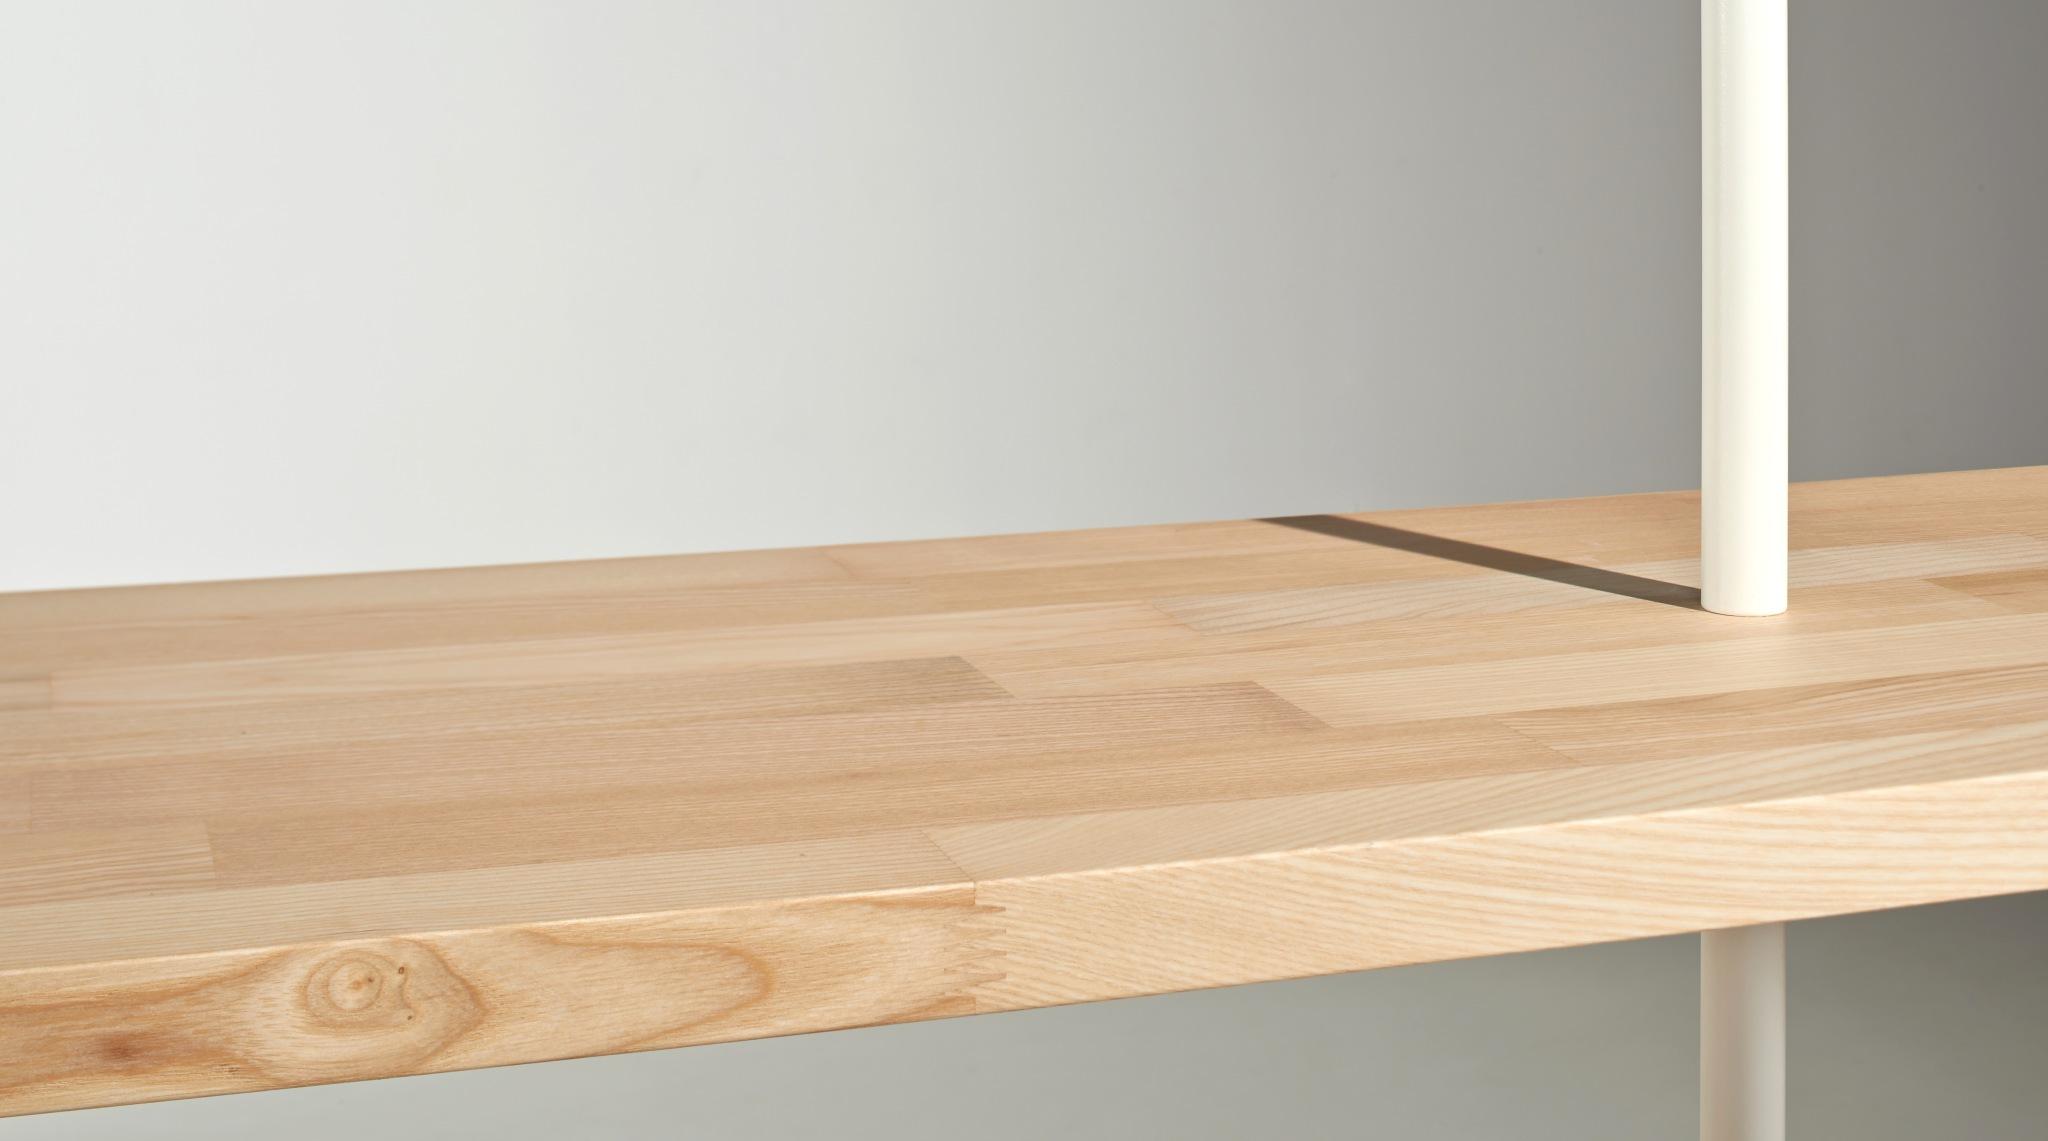 Ripiani In Legno Massello : Skaffa wood libreria made in italy componibile in legno massello